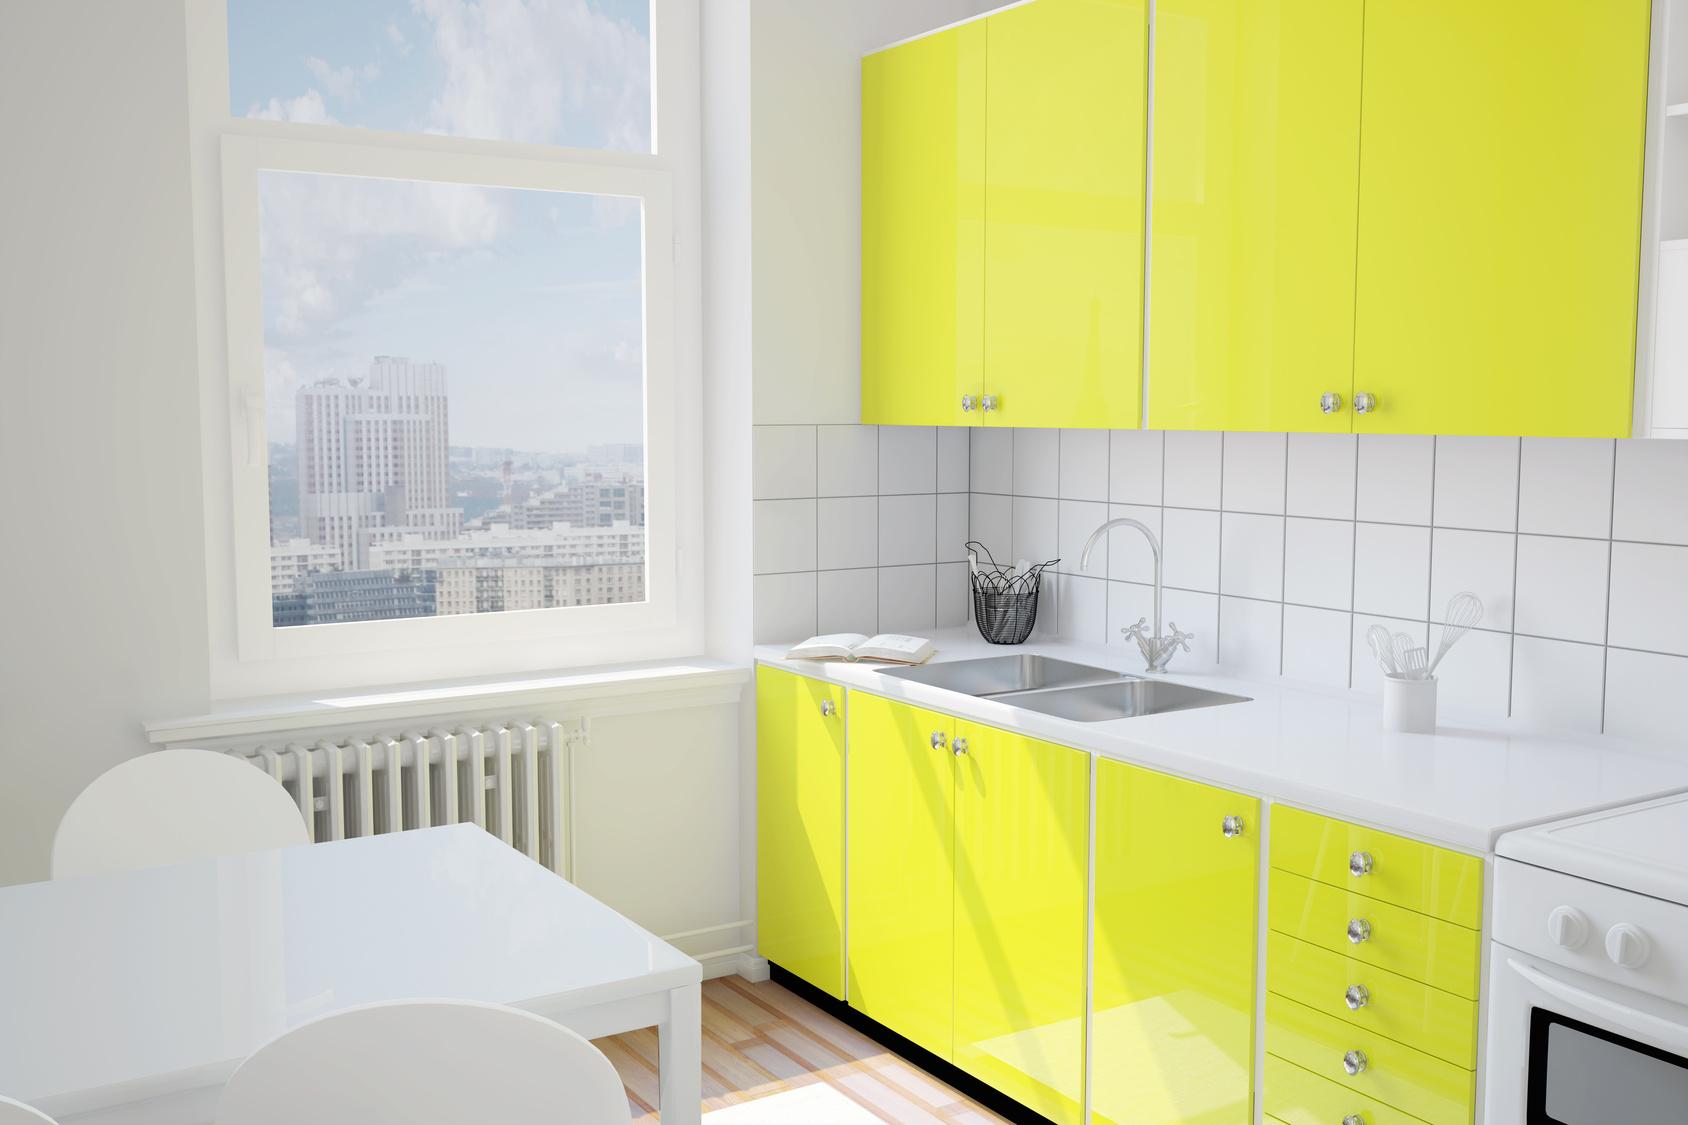 arbeitsplatte obi. Black Bedroom Furniture Sets. Home Design Ideas